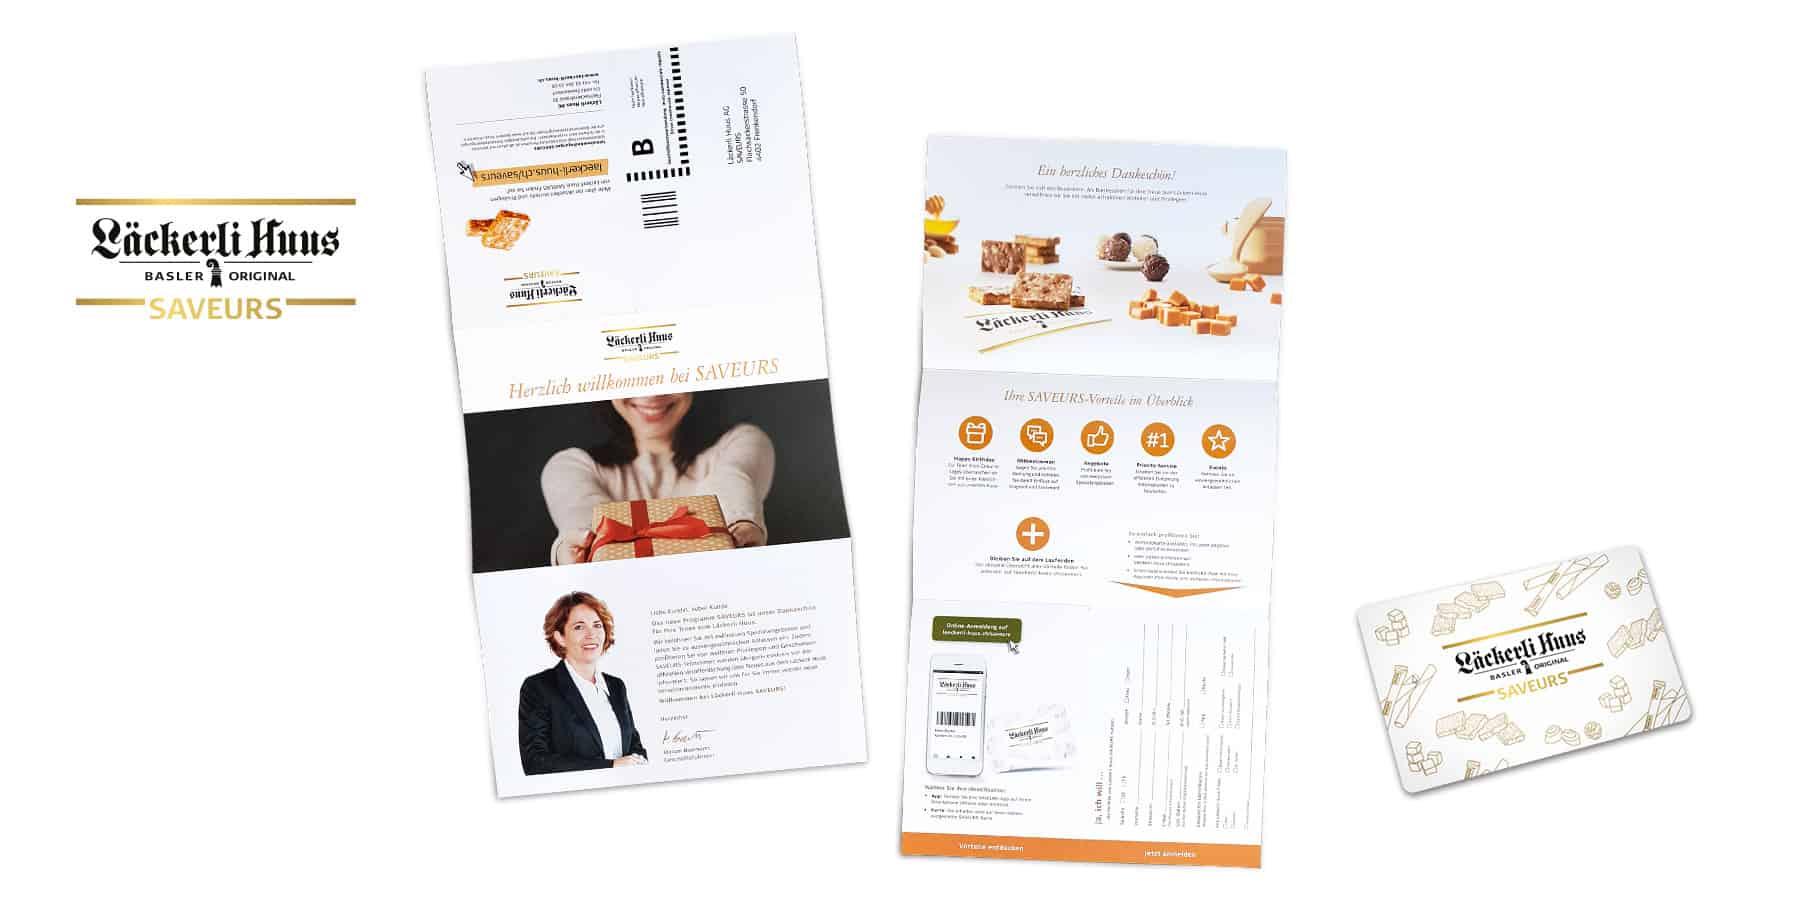 Läckerli Huus AG - Neulancierung Kundenprogramm SAVEURS